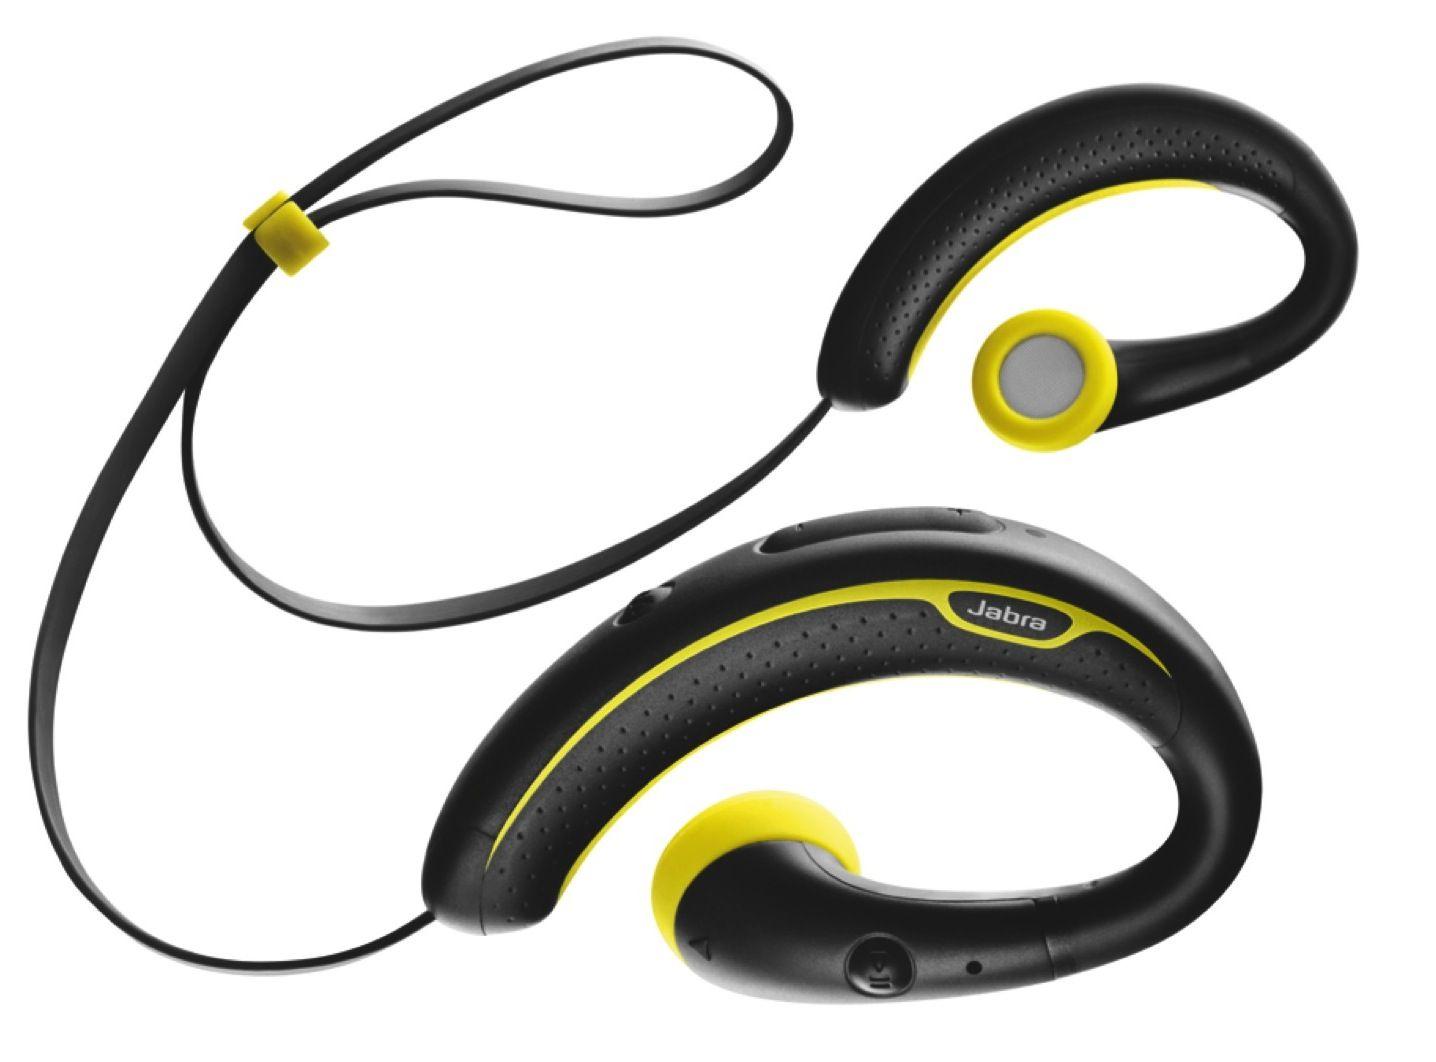 słuchawki bezprzewodowa do biegania, marka jabra